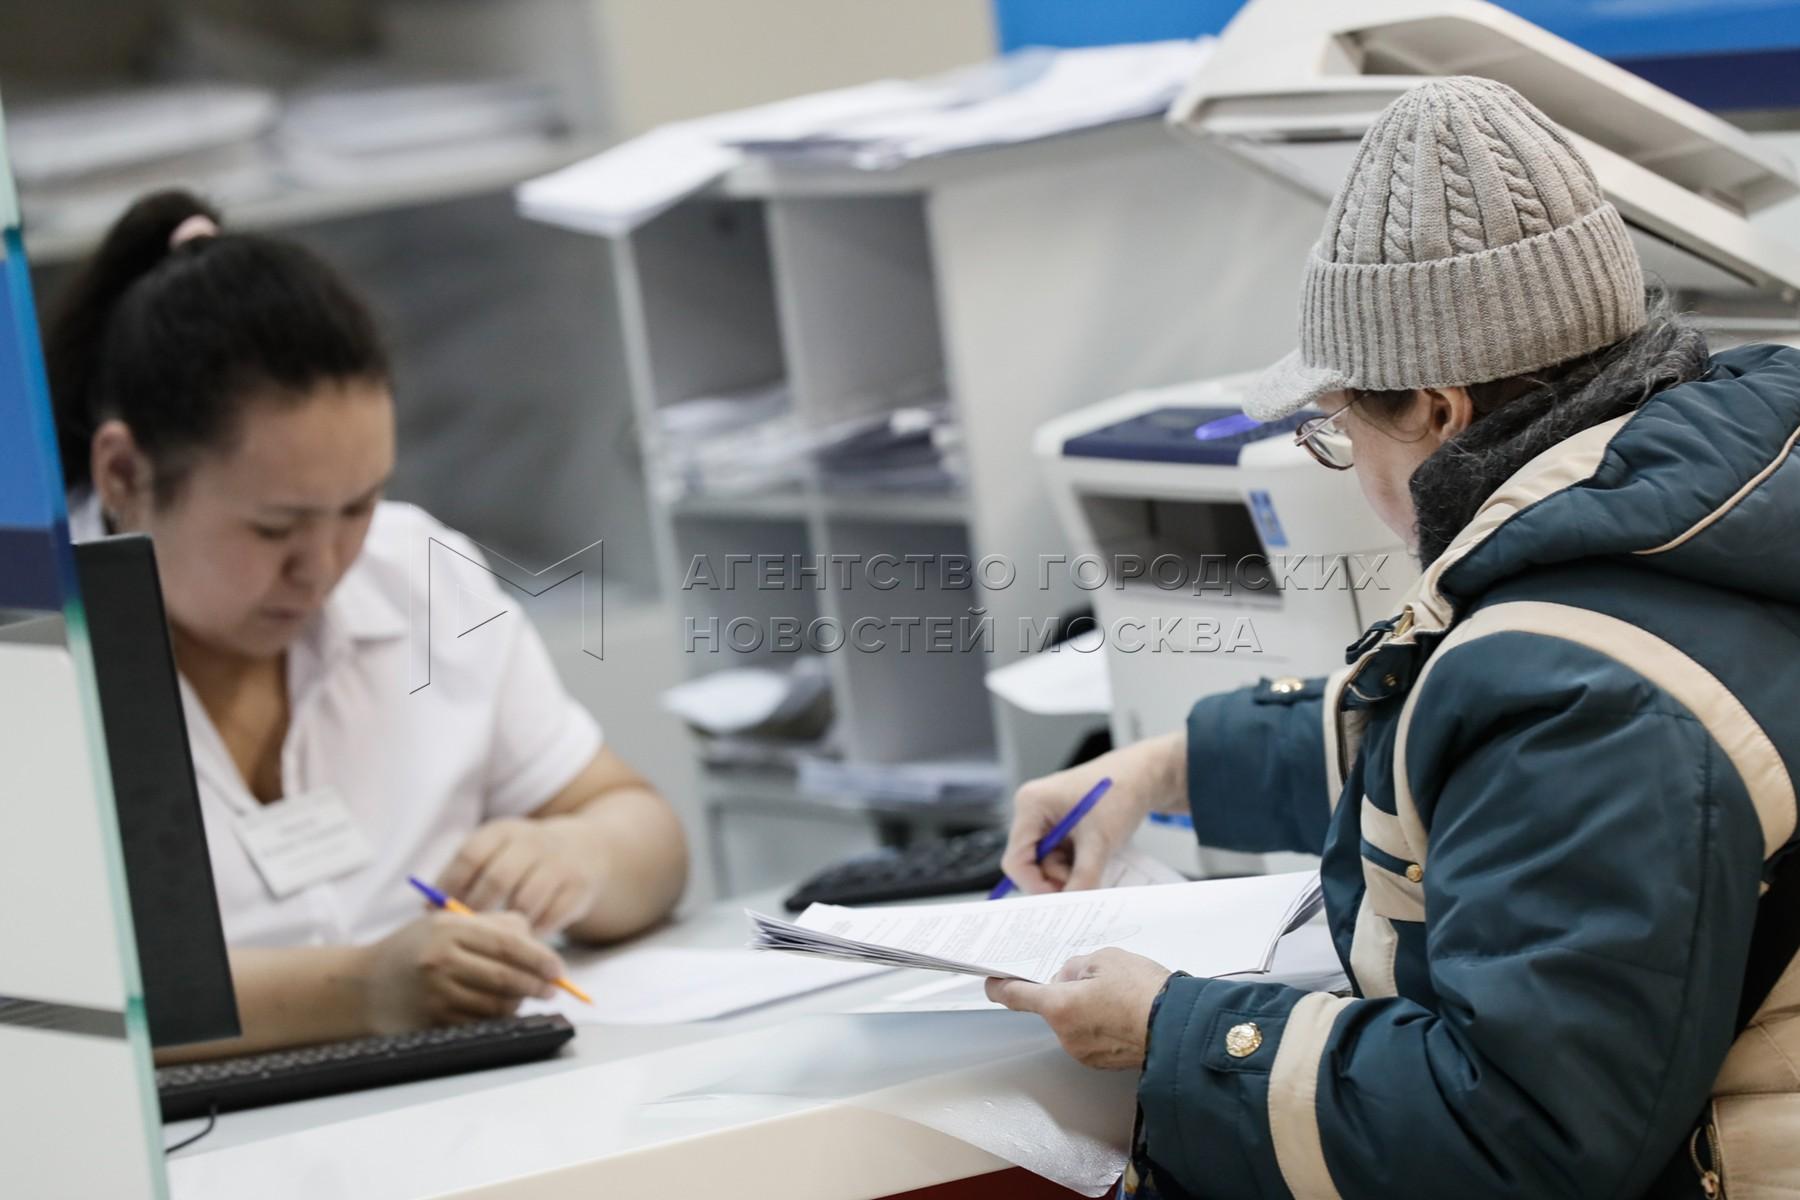 День открытых дверей в налоговой инспекции ФНС России №7 по Москве.